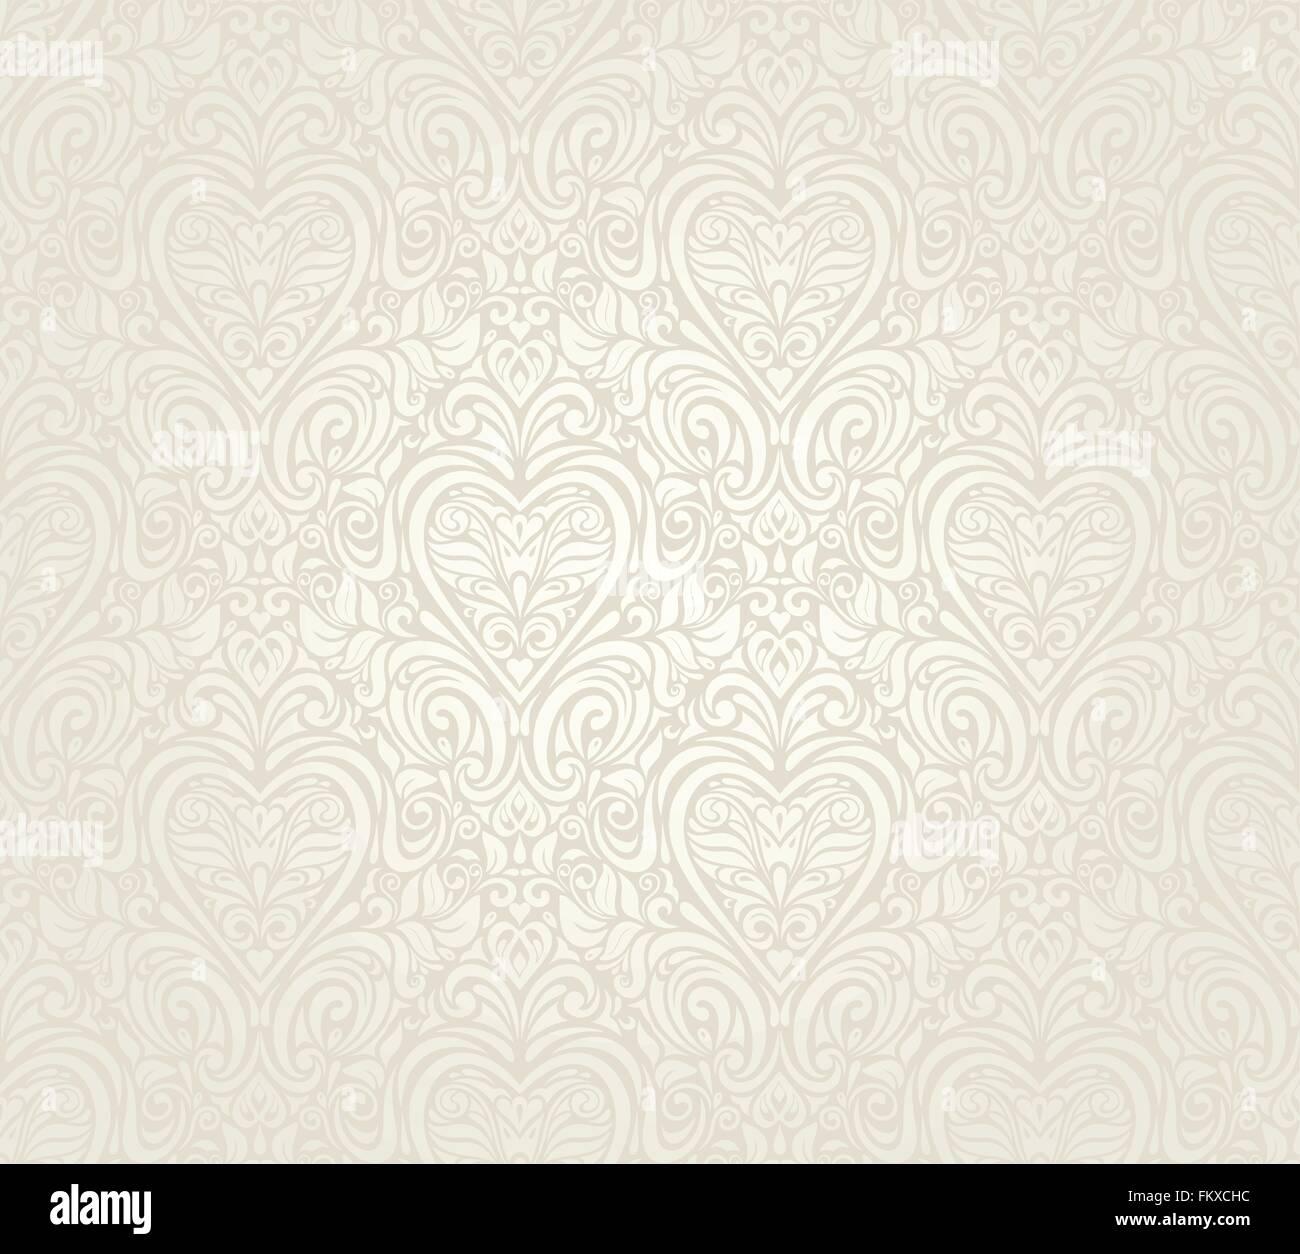 hochzeit helle luxus vintage floral seamless wallpaper hintergrund vektor abbildung bild. Black Bedroom Furniture Sets. Home Design Ideas